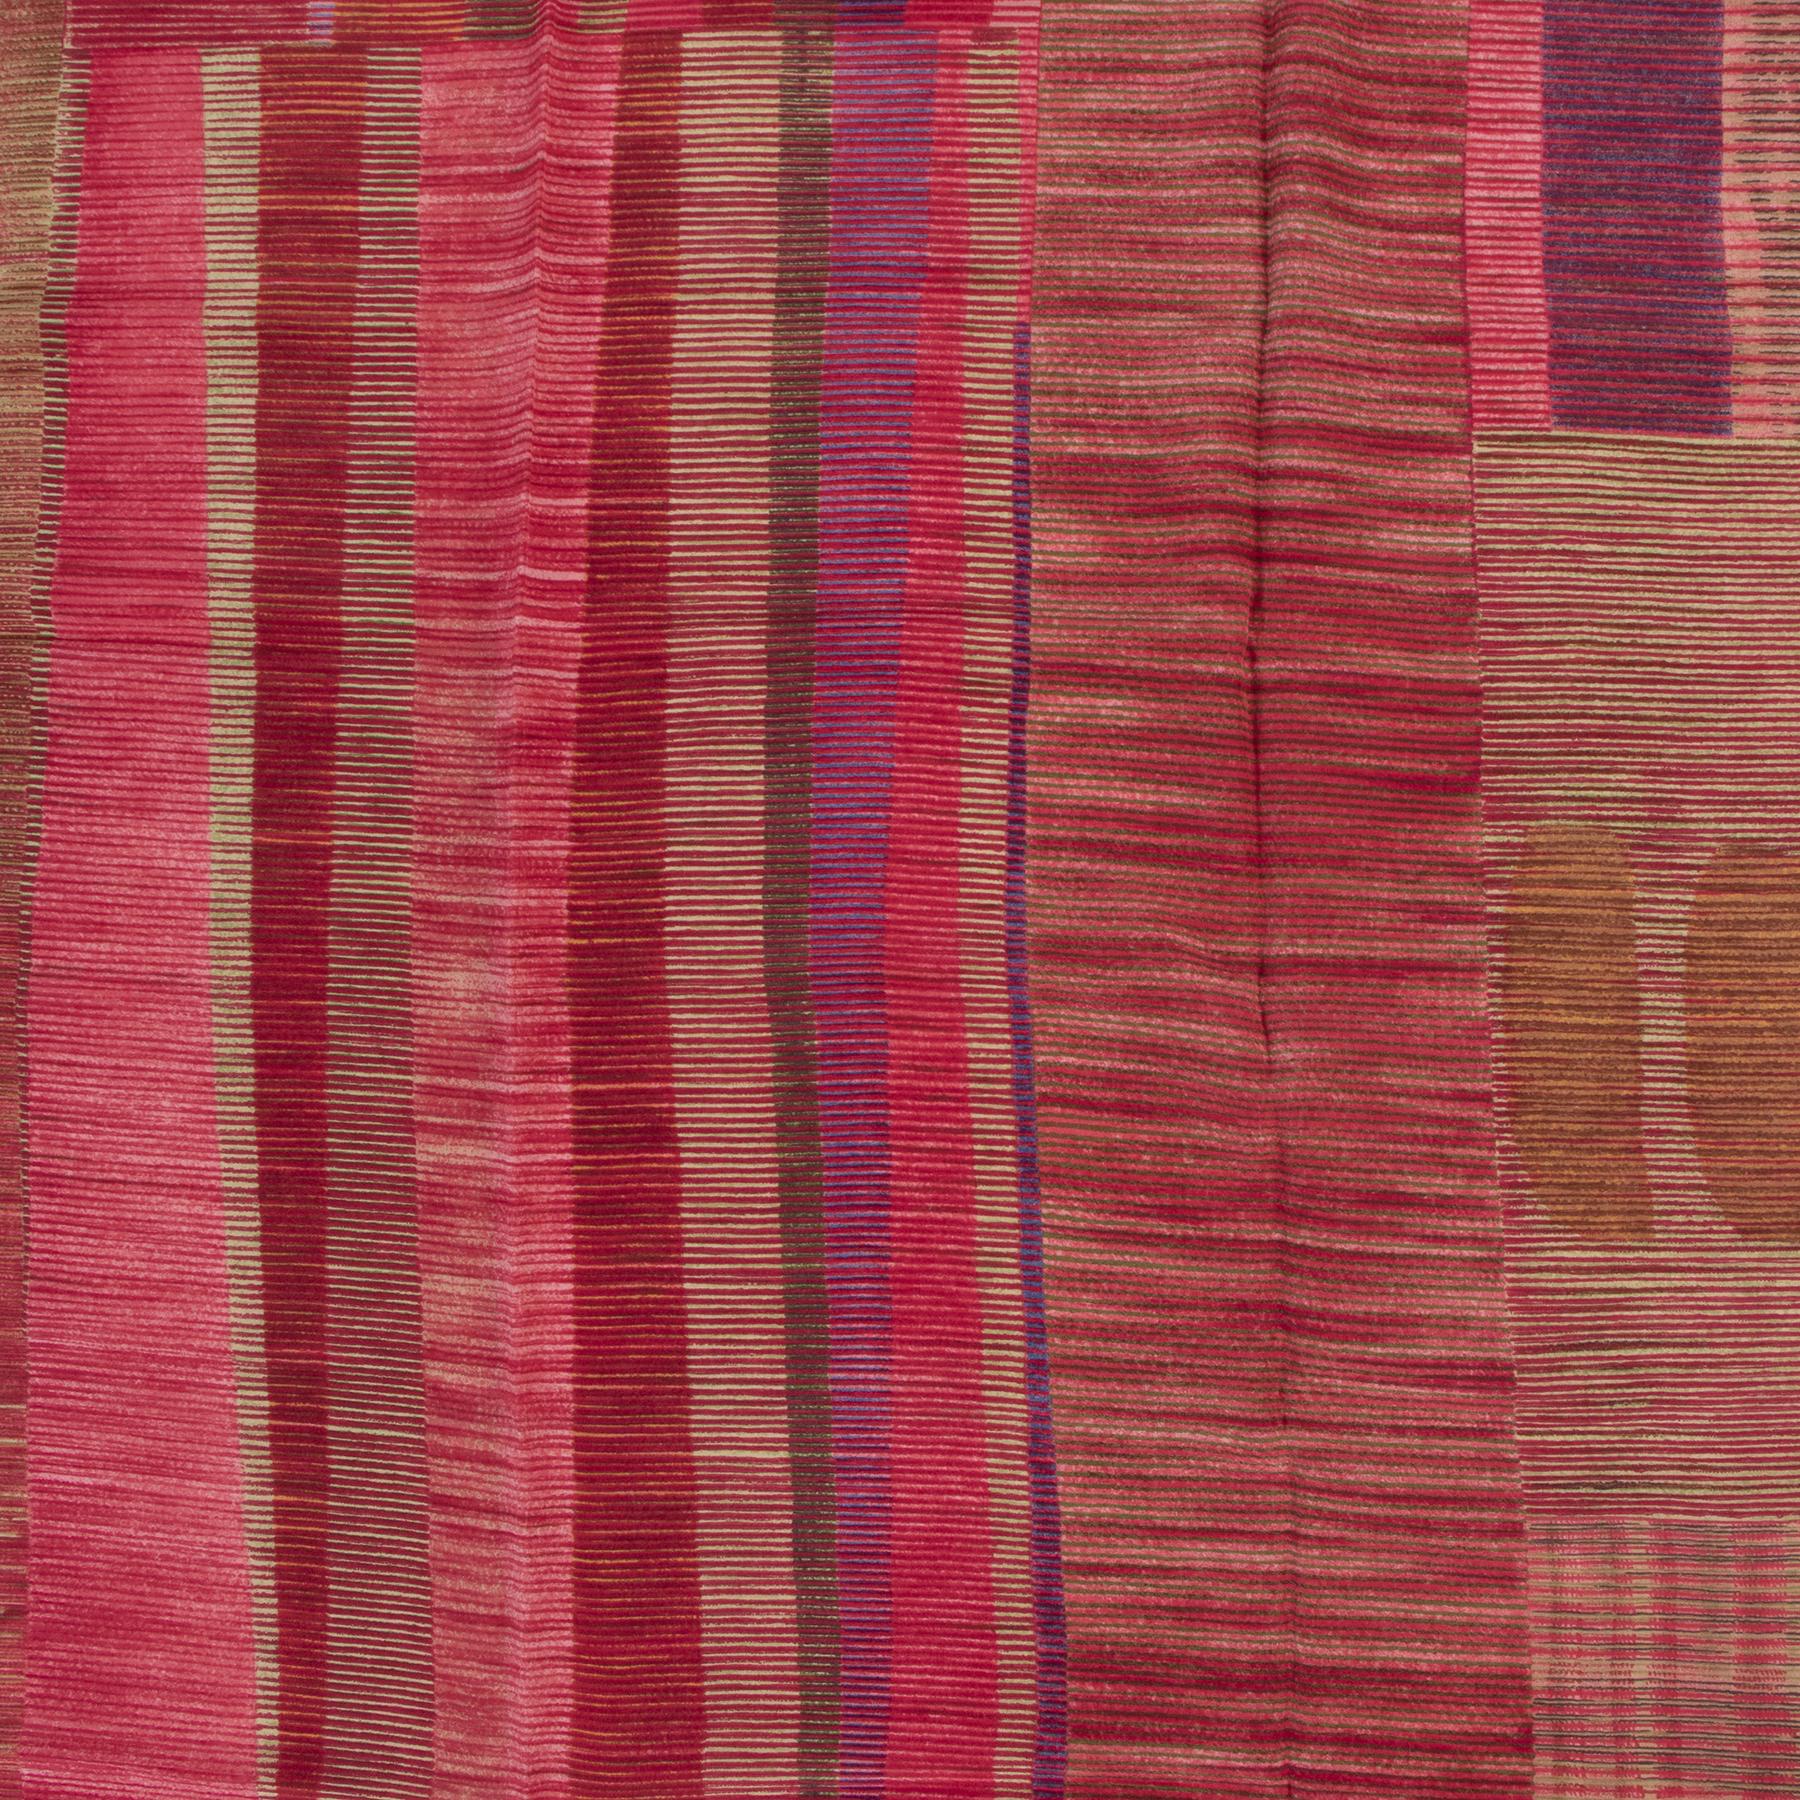 Authentieke Tweedehands Delvaux Red Silk Pattern Scarf juiste prijs veilig online shoppen luxe merken webshop winkelen Antwerpen België mode fashion